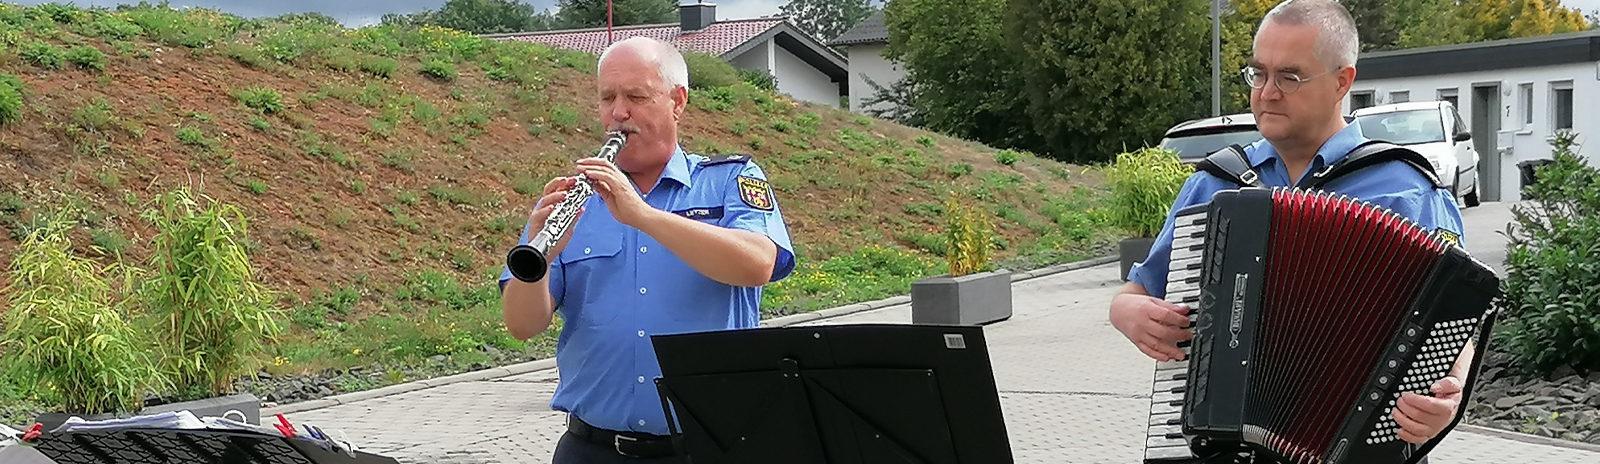 Polizeiorchester_slider